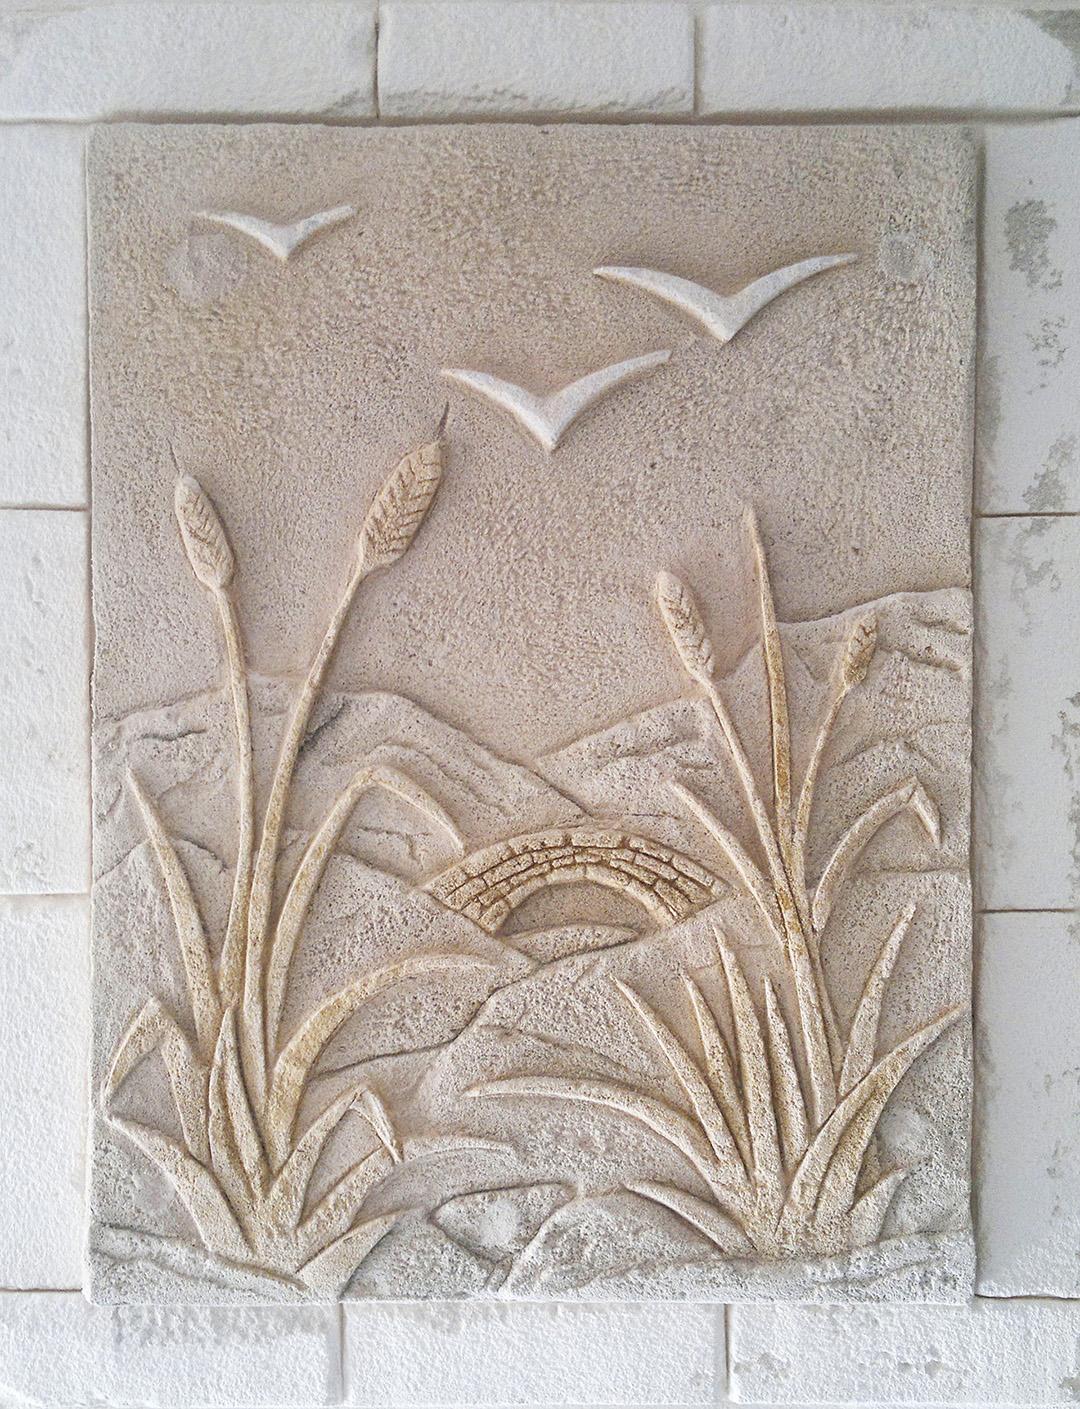 tableau en beton sculpté à la main avec épis de blé